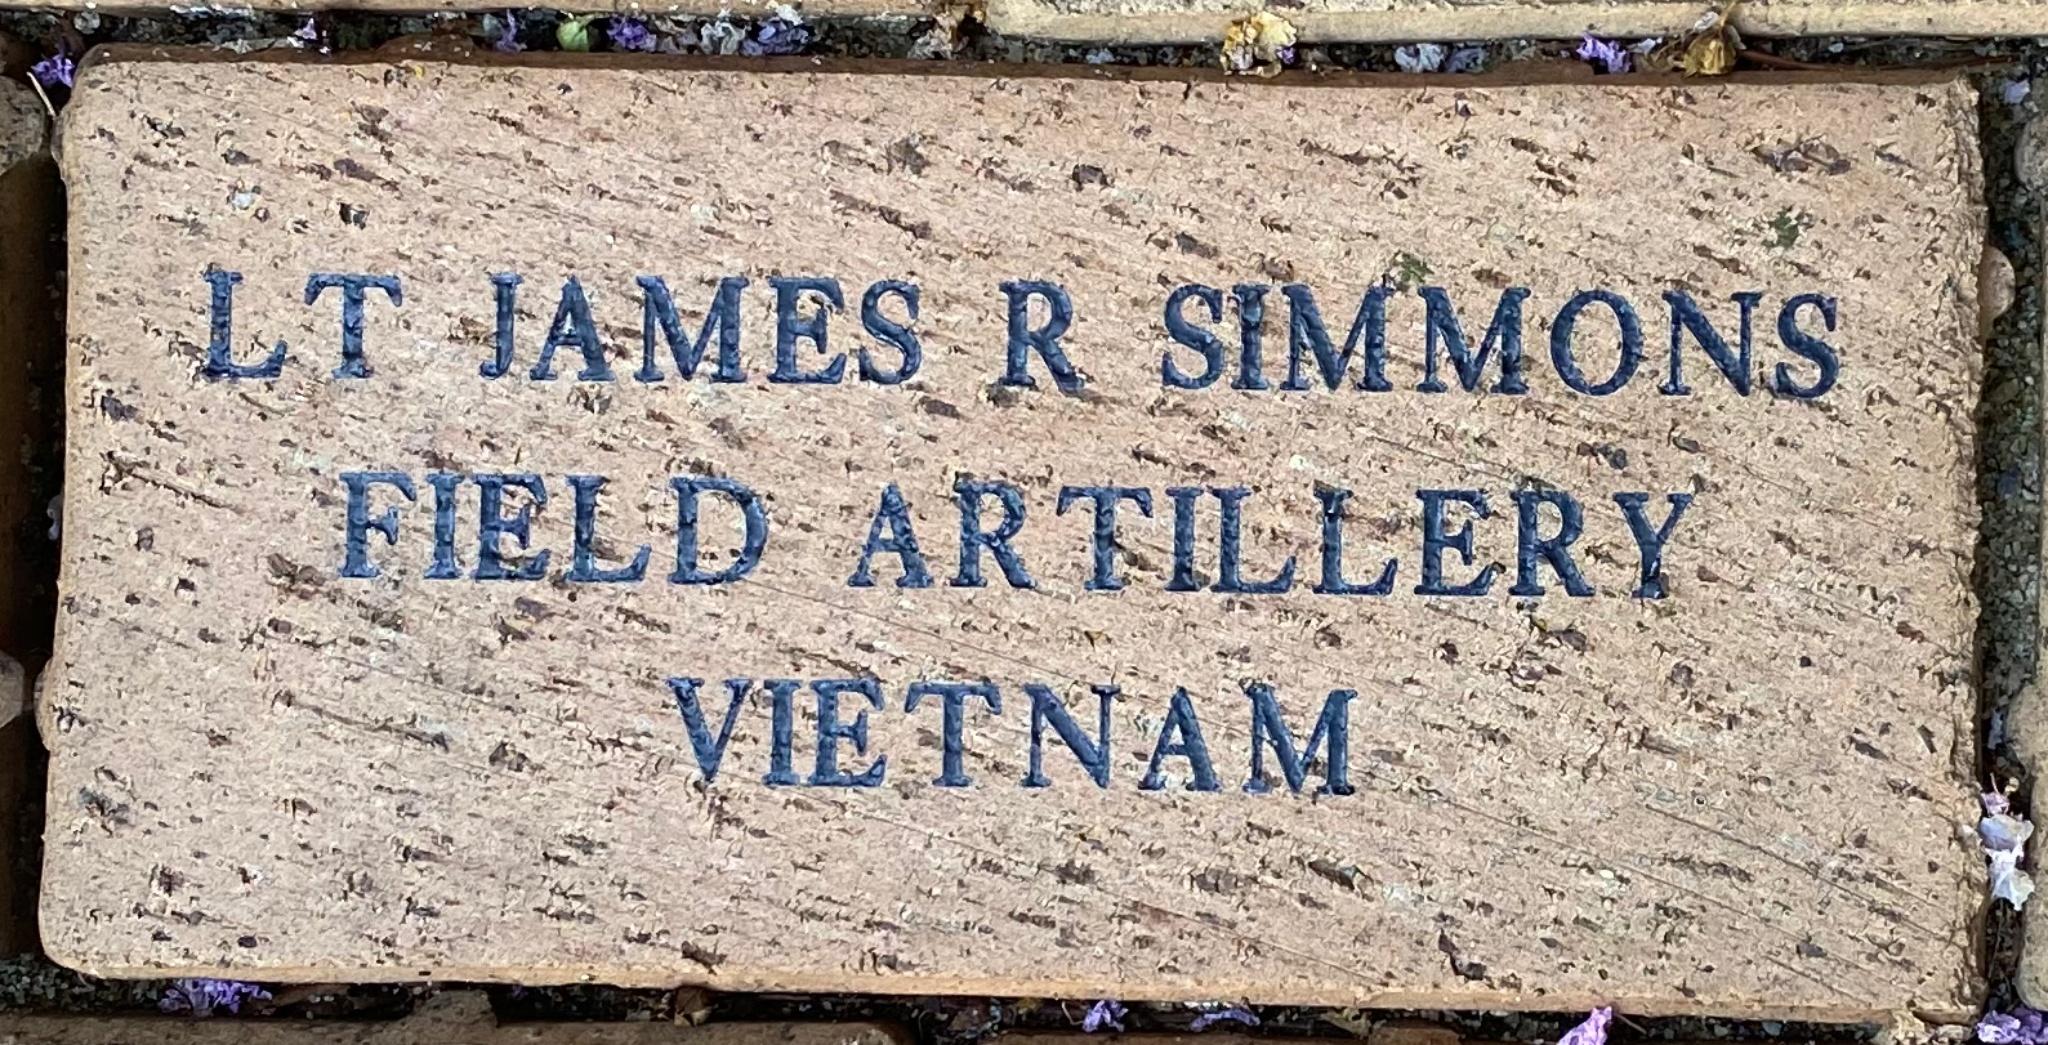 LT JAMES R SIMMONS FIELD ARTILLERY VIETNAM